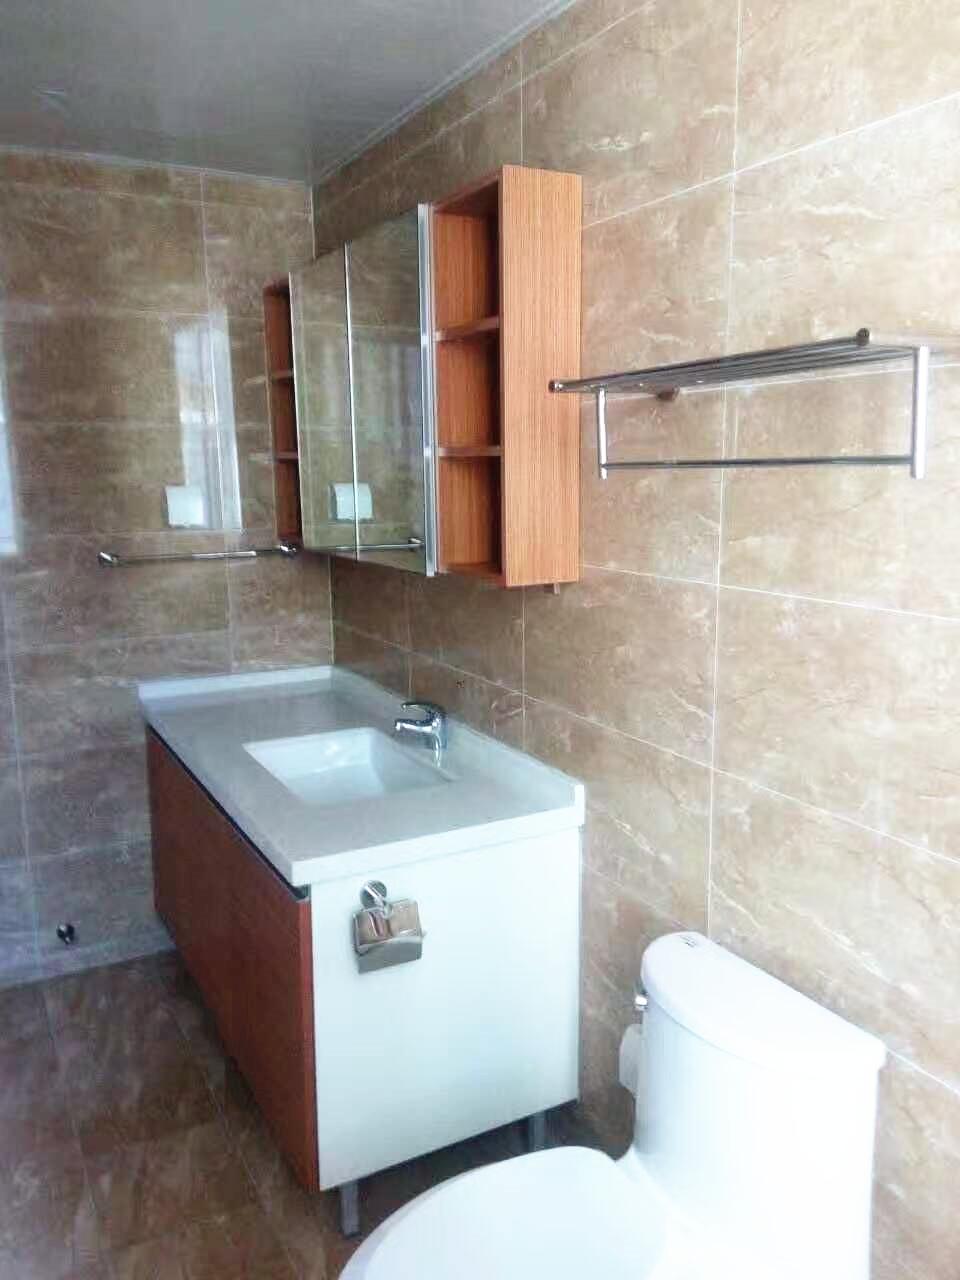 卫生间设计简洁,以实用性为主。